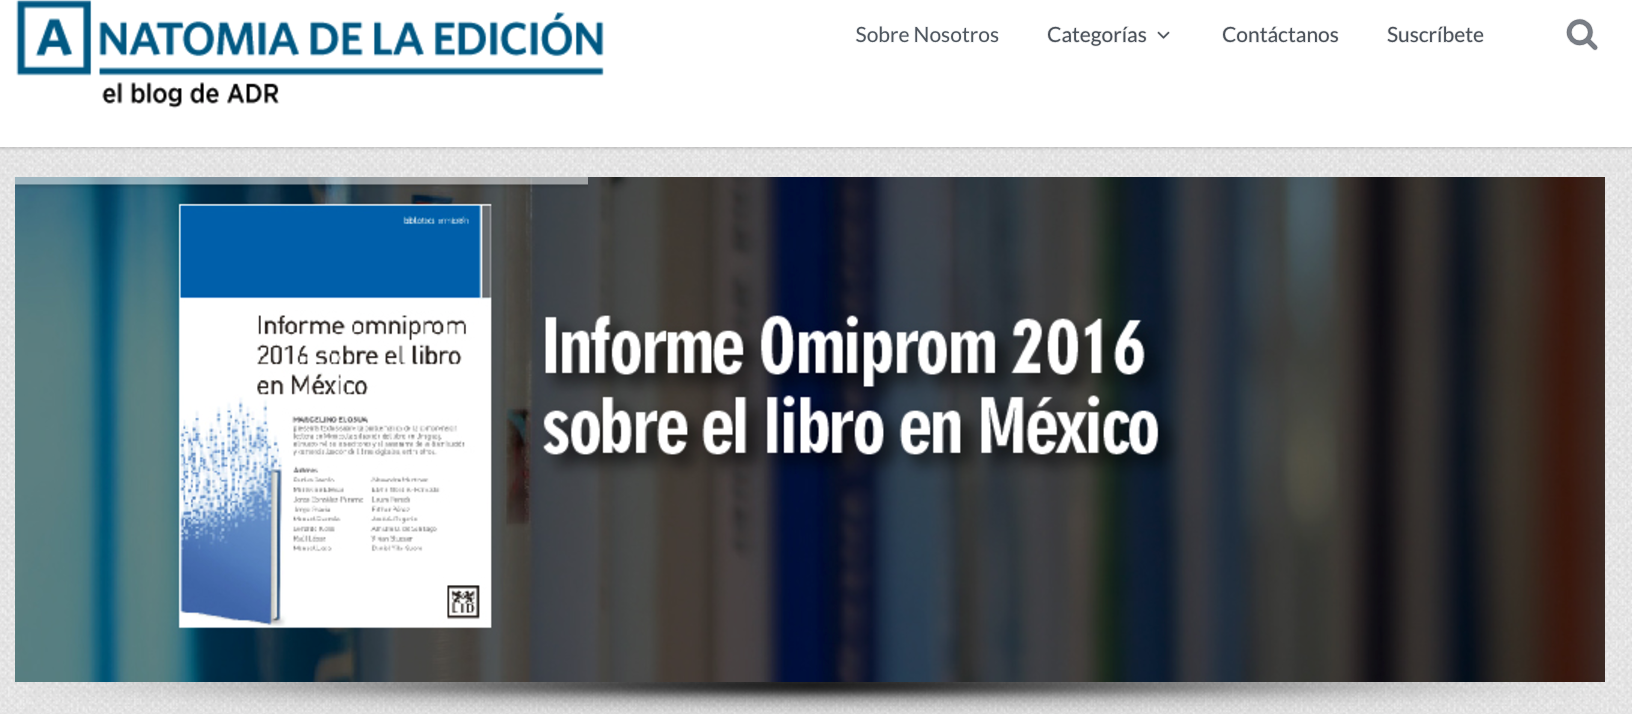 Marketing digital editorial: Claves para vender libros en Internet. Imagen 1